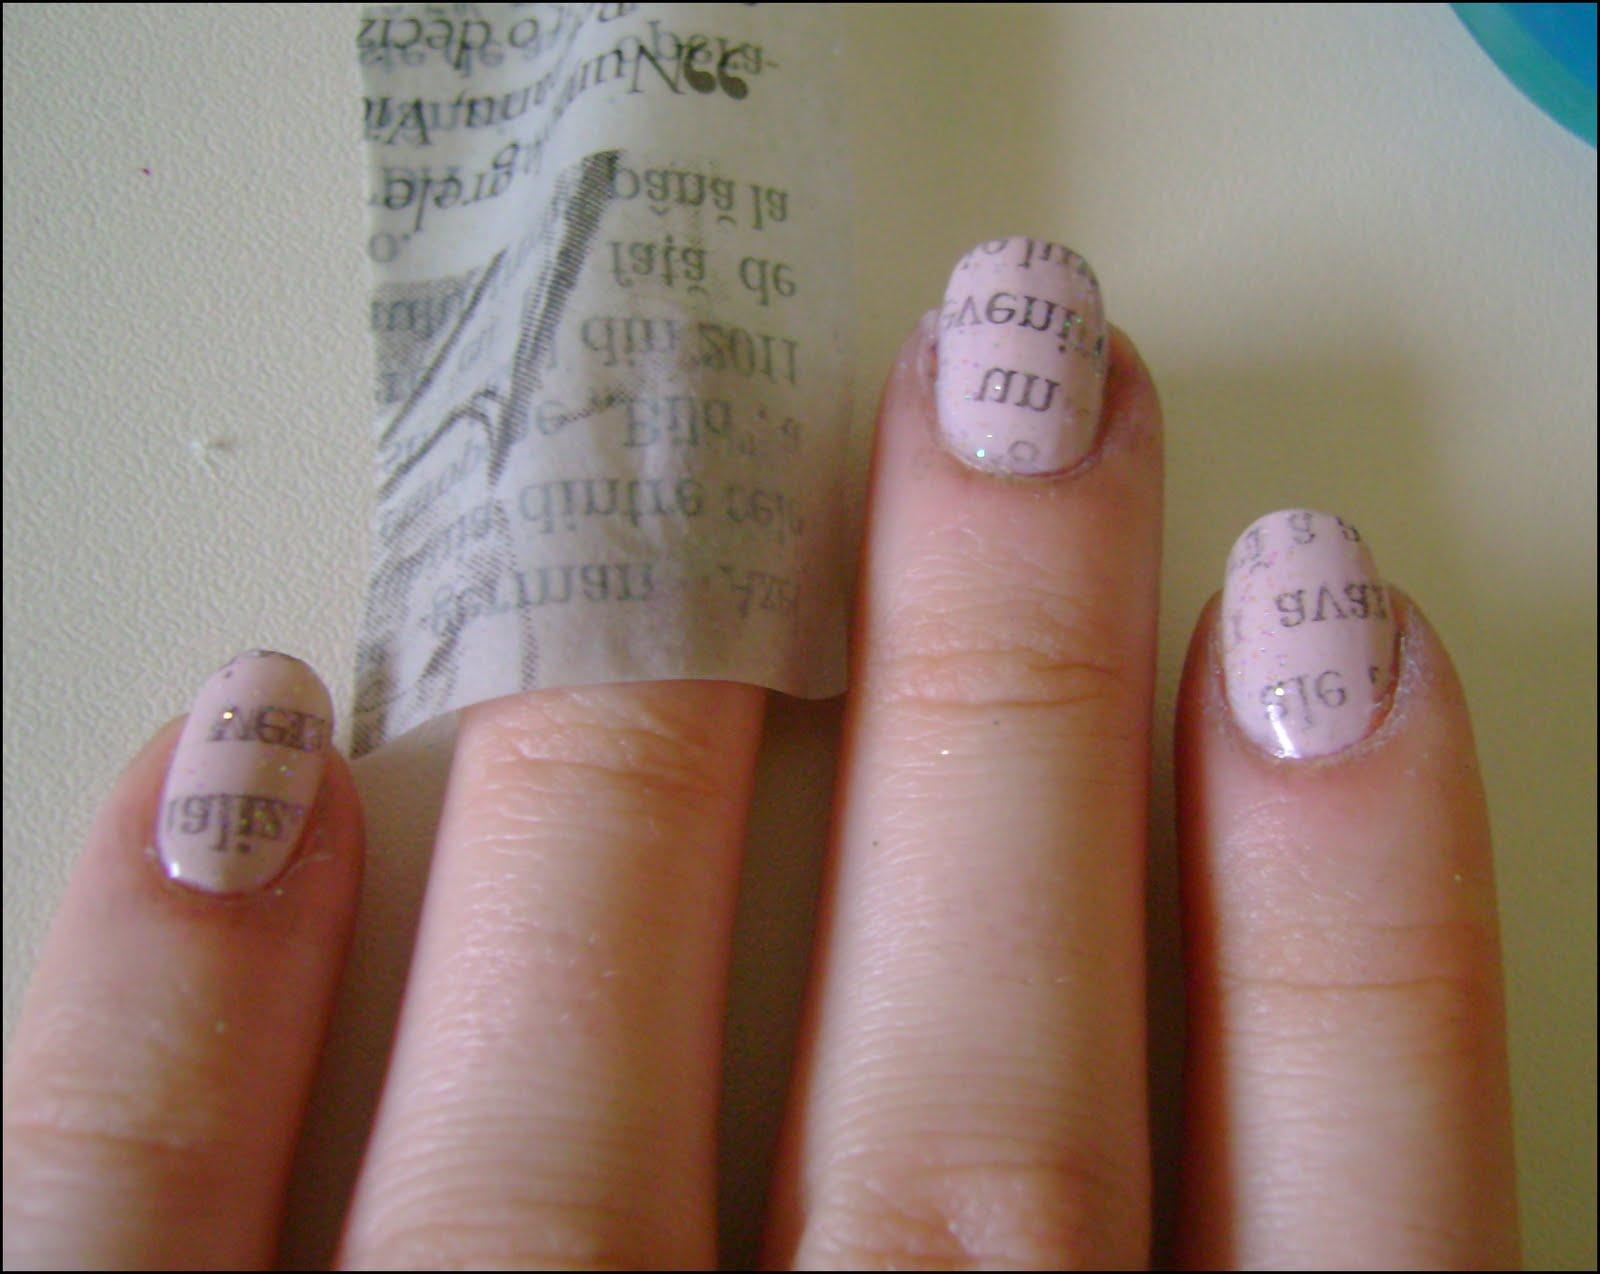 nail polish review: Newspaper nails - TUTORIAL